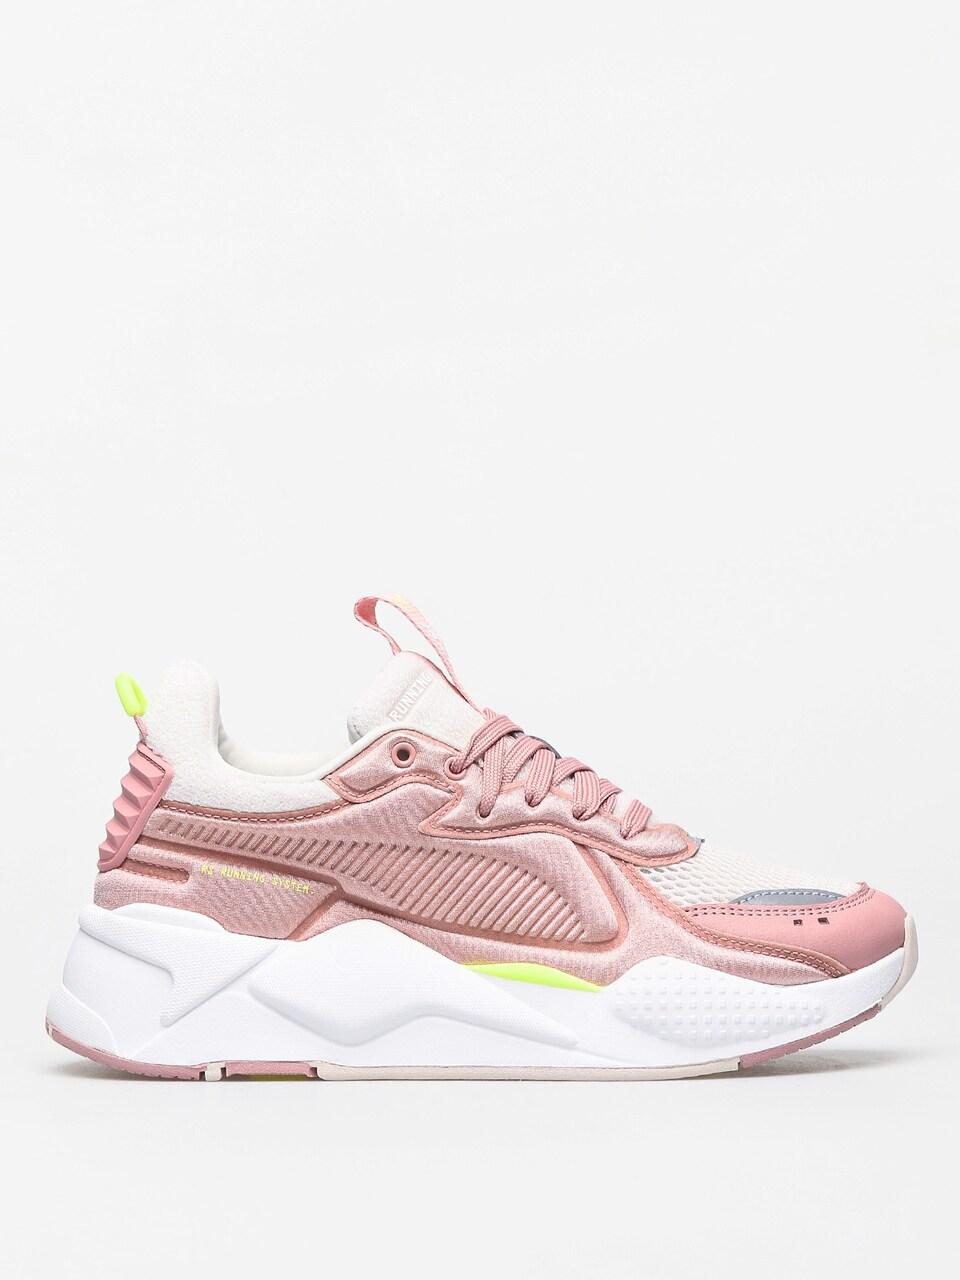 1071173 puma rs x softcase shoes bridal rose pastel parchment 960w